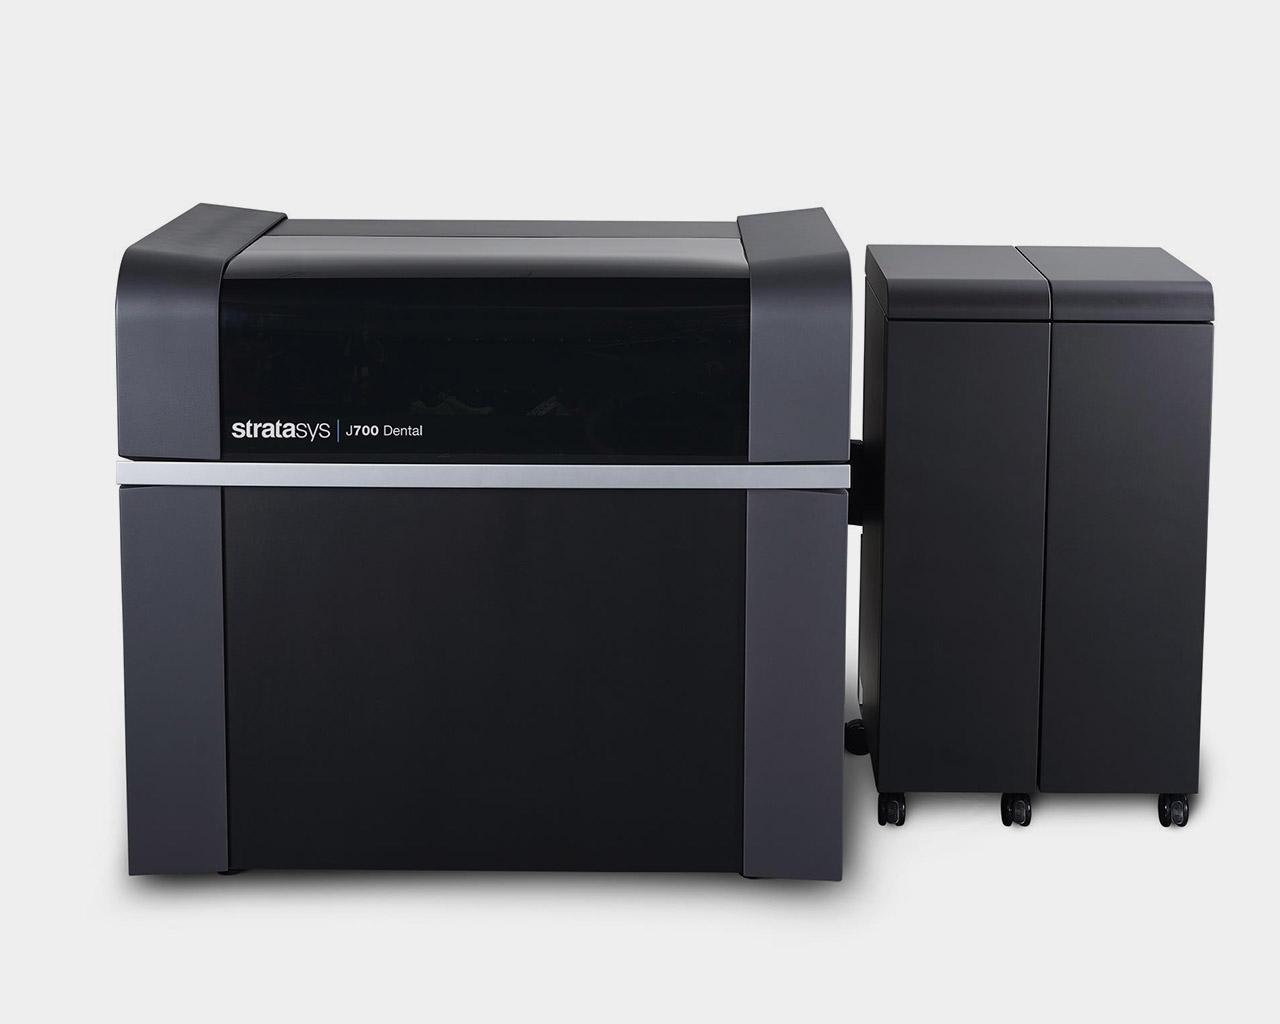 3D Dental Drucker J700 als high end der 3D-Druckdienstleistung mit günstigen 3D Druck Service Kosten